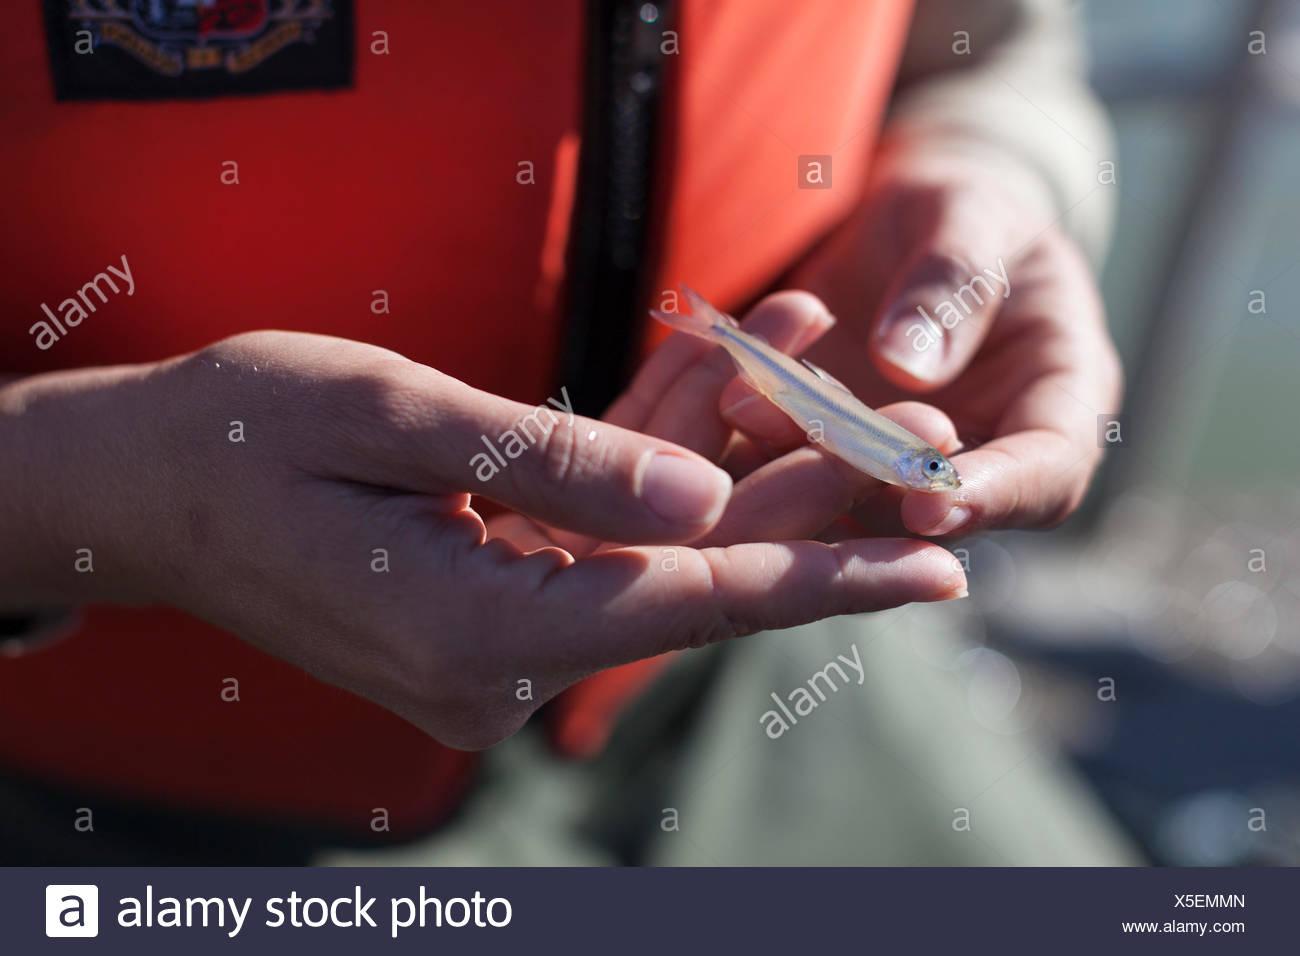 Científico medioambiental lauren damon de california departamento de peces y fauna silvestre, la realización de un muelle de arrastre de Kodiak para delta olía en el delta de California cerca de Antioquía, ca. encontraron un solo adulto. Imagen De Stock